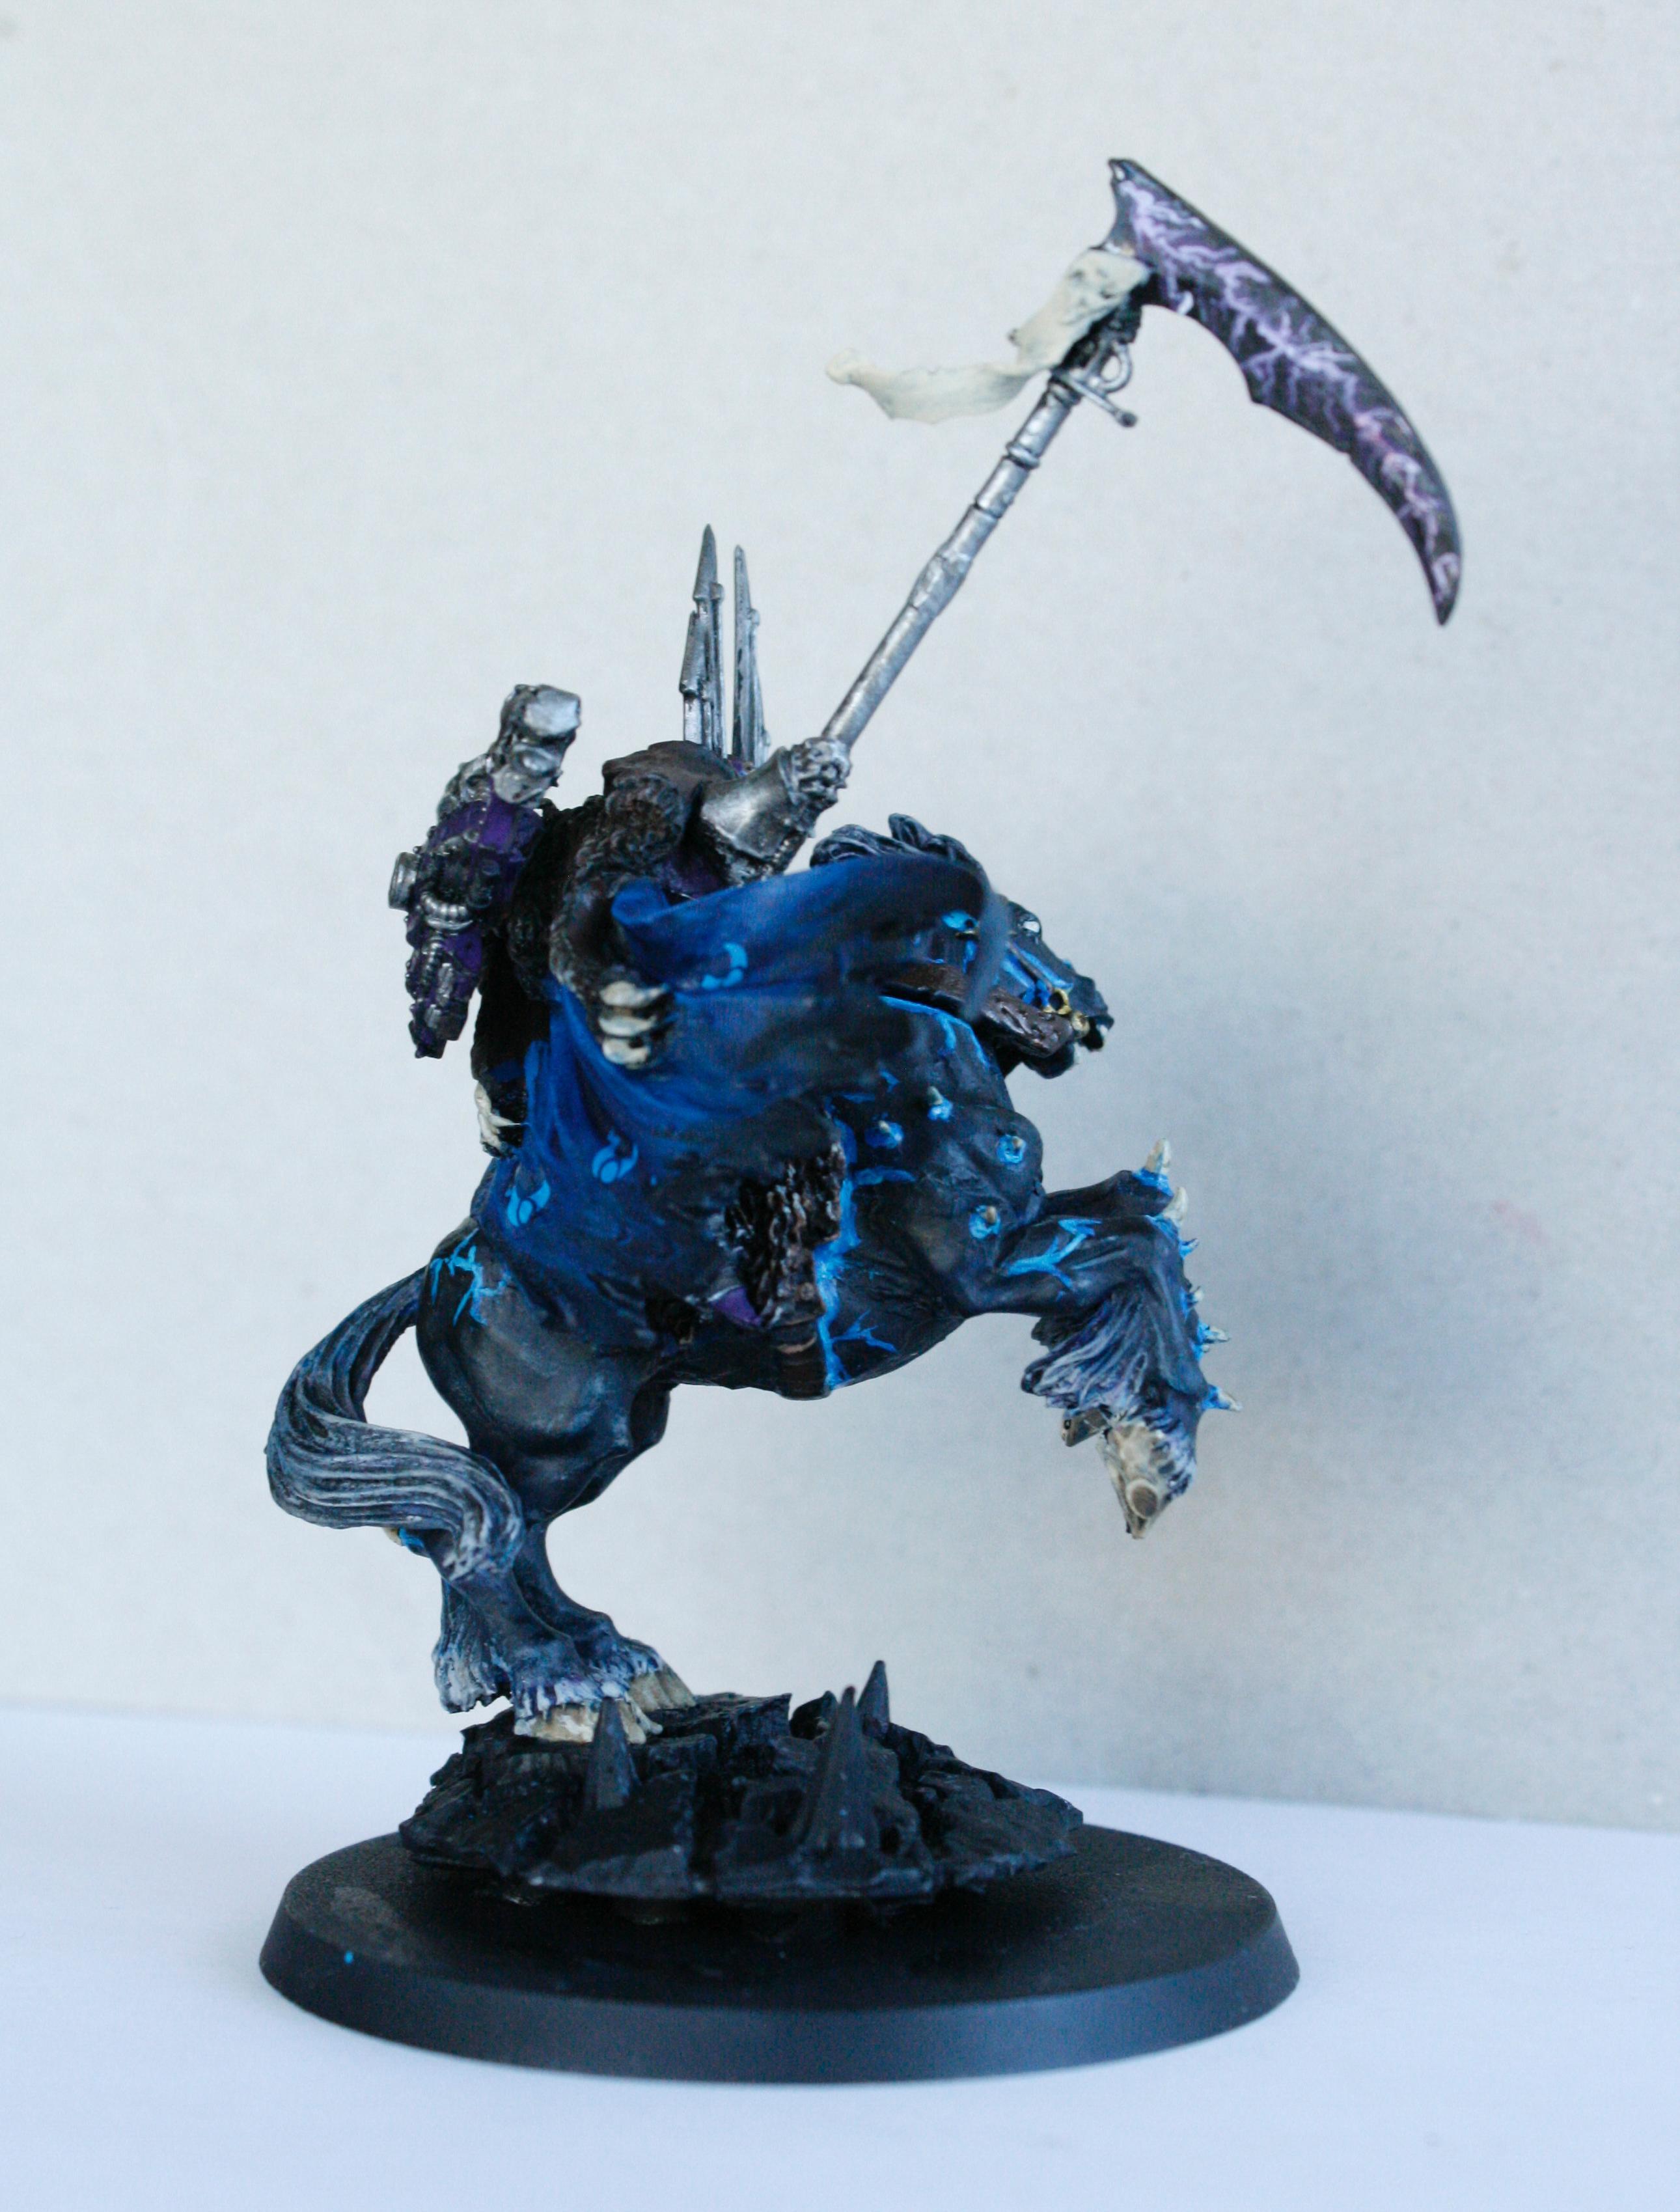 Chaos, Daemonic Mount, Scythe, Sorcerer, Tzeentch